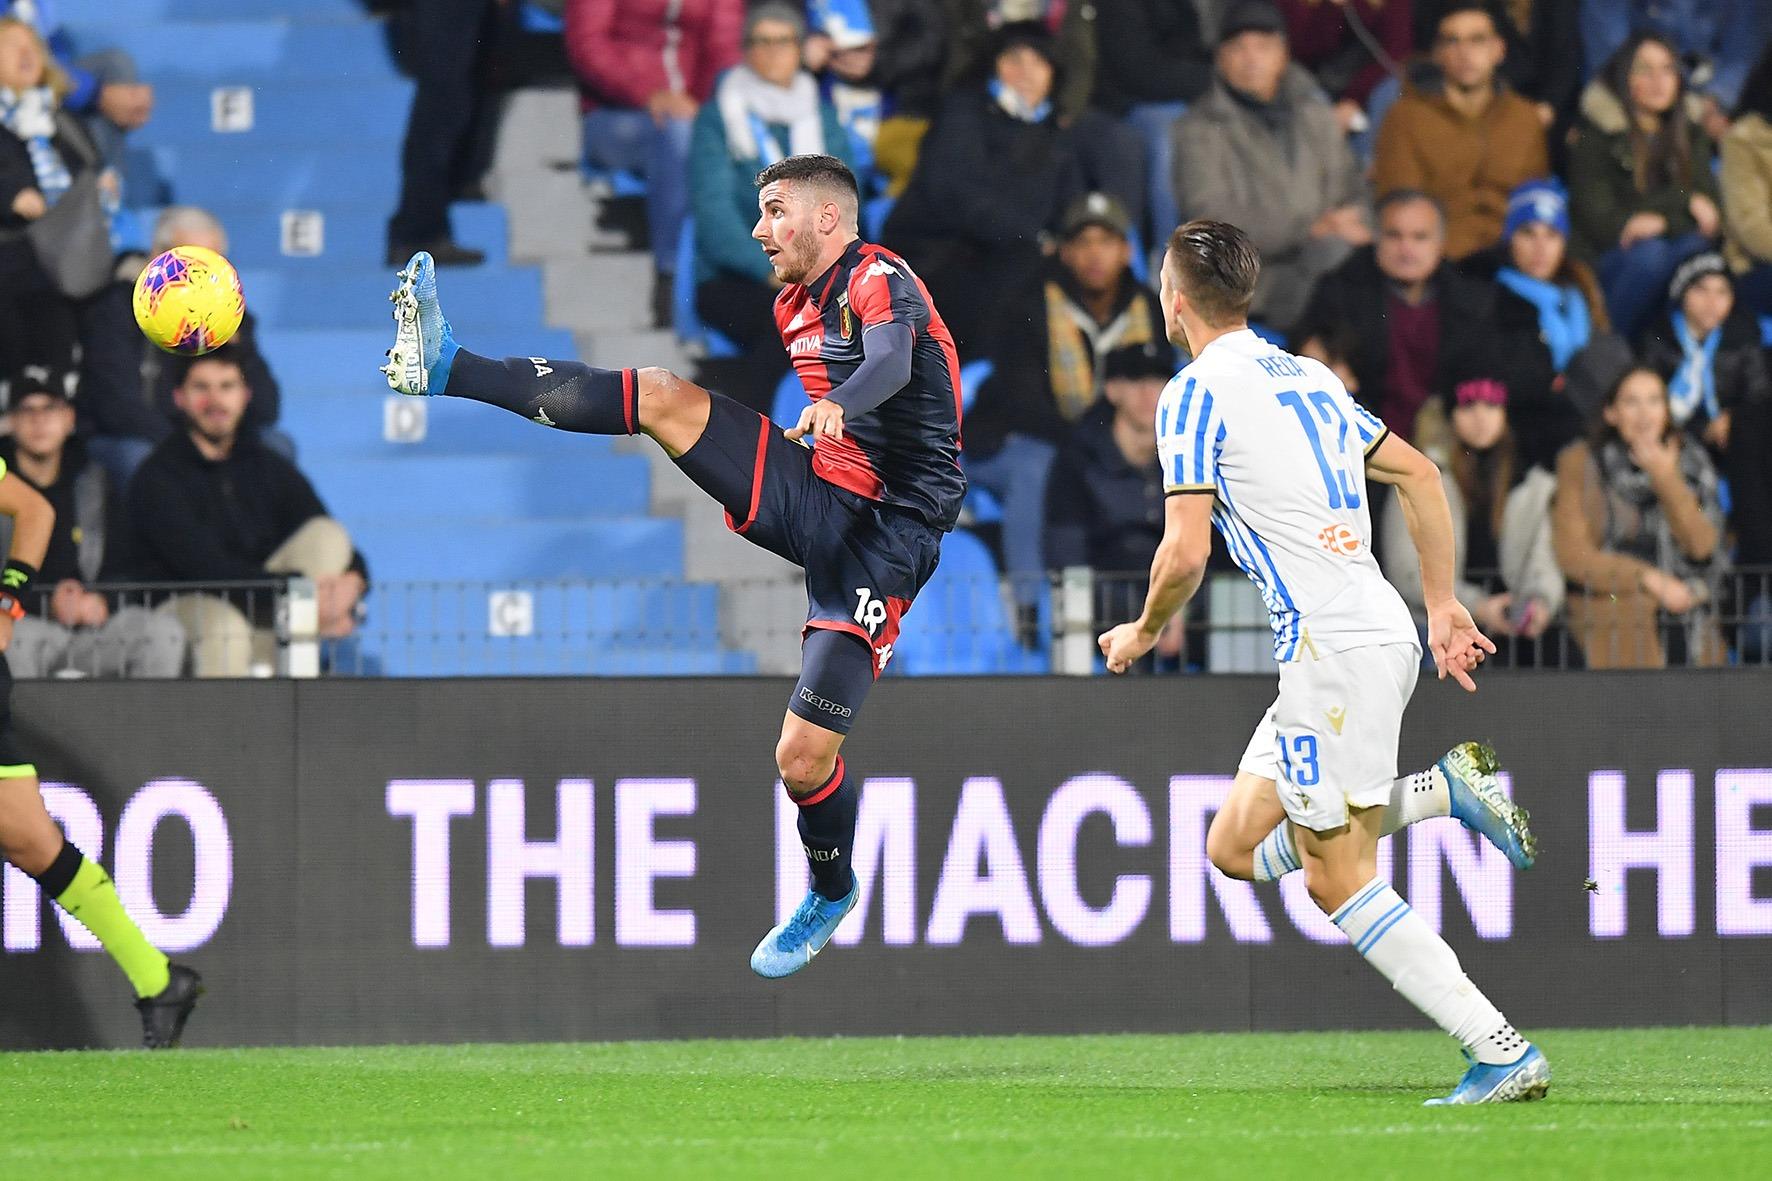 Genoa-Sampdoria 0-1, Gabbiadini entra e decide il derby a 5' dalla fine